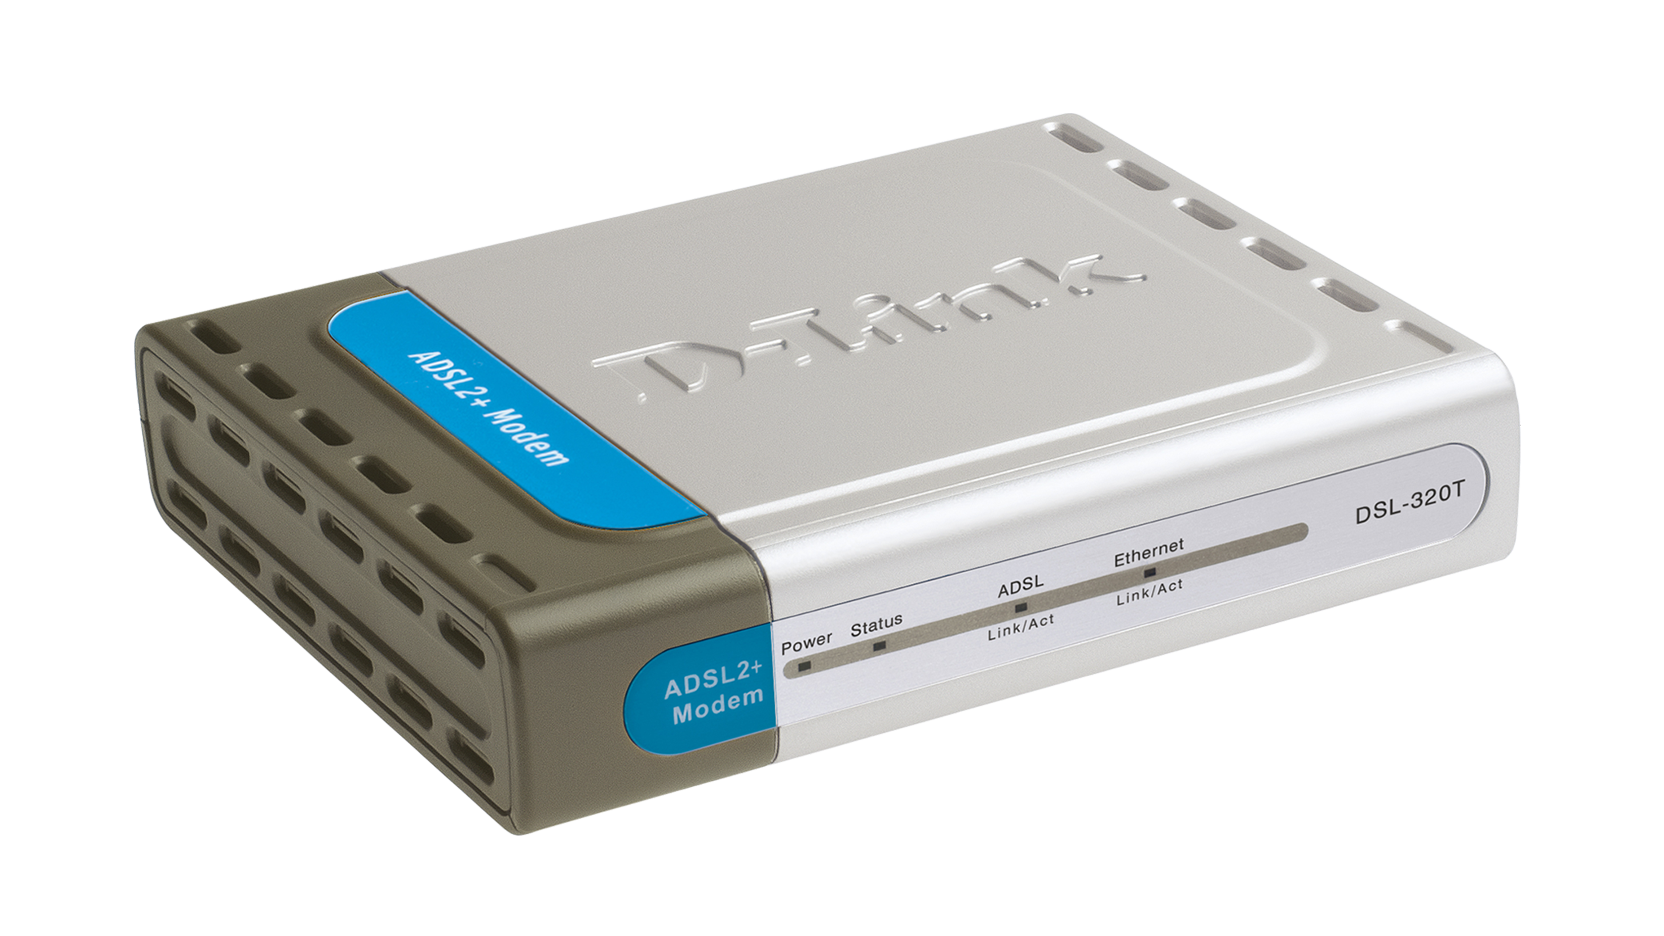 DSL-320T ADSL2+ Ethernet Modem   D-Link UK